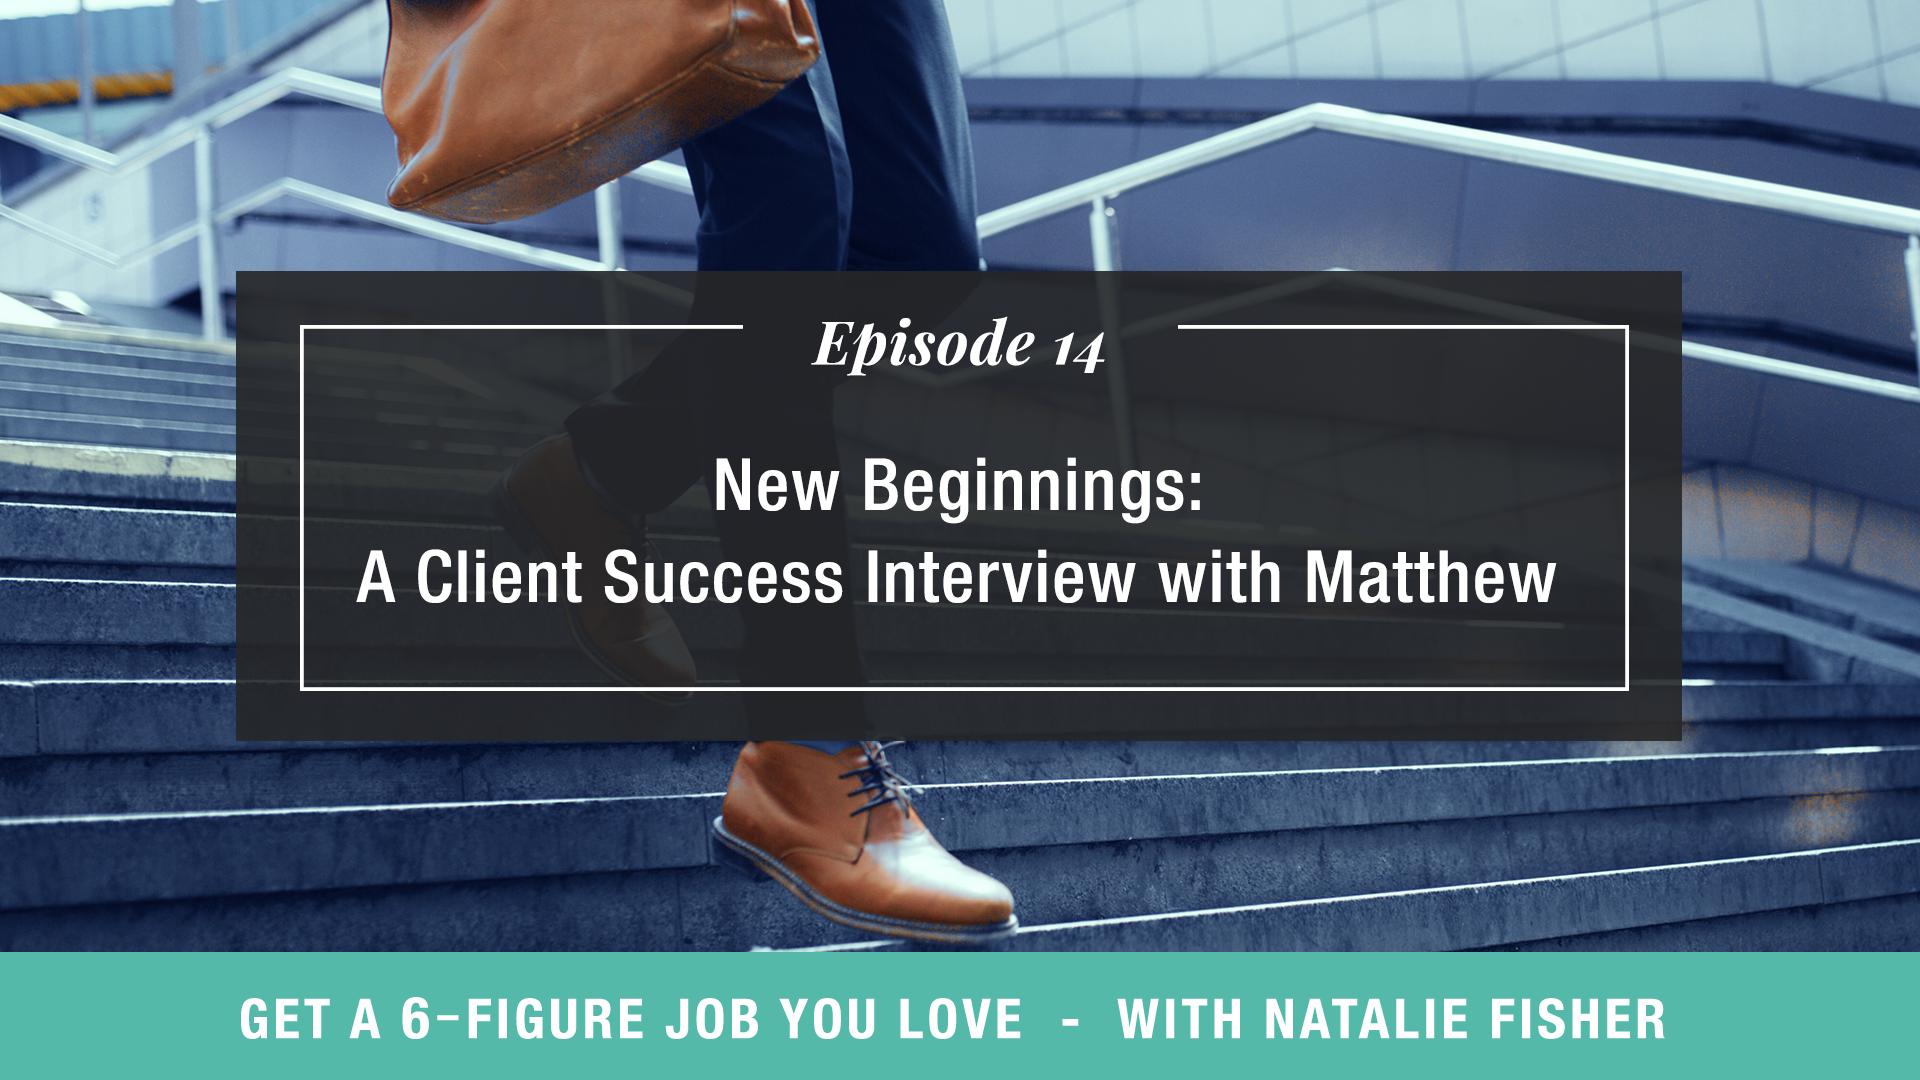 New Beginnings: A Client Success Interview with Matthew